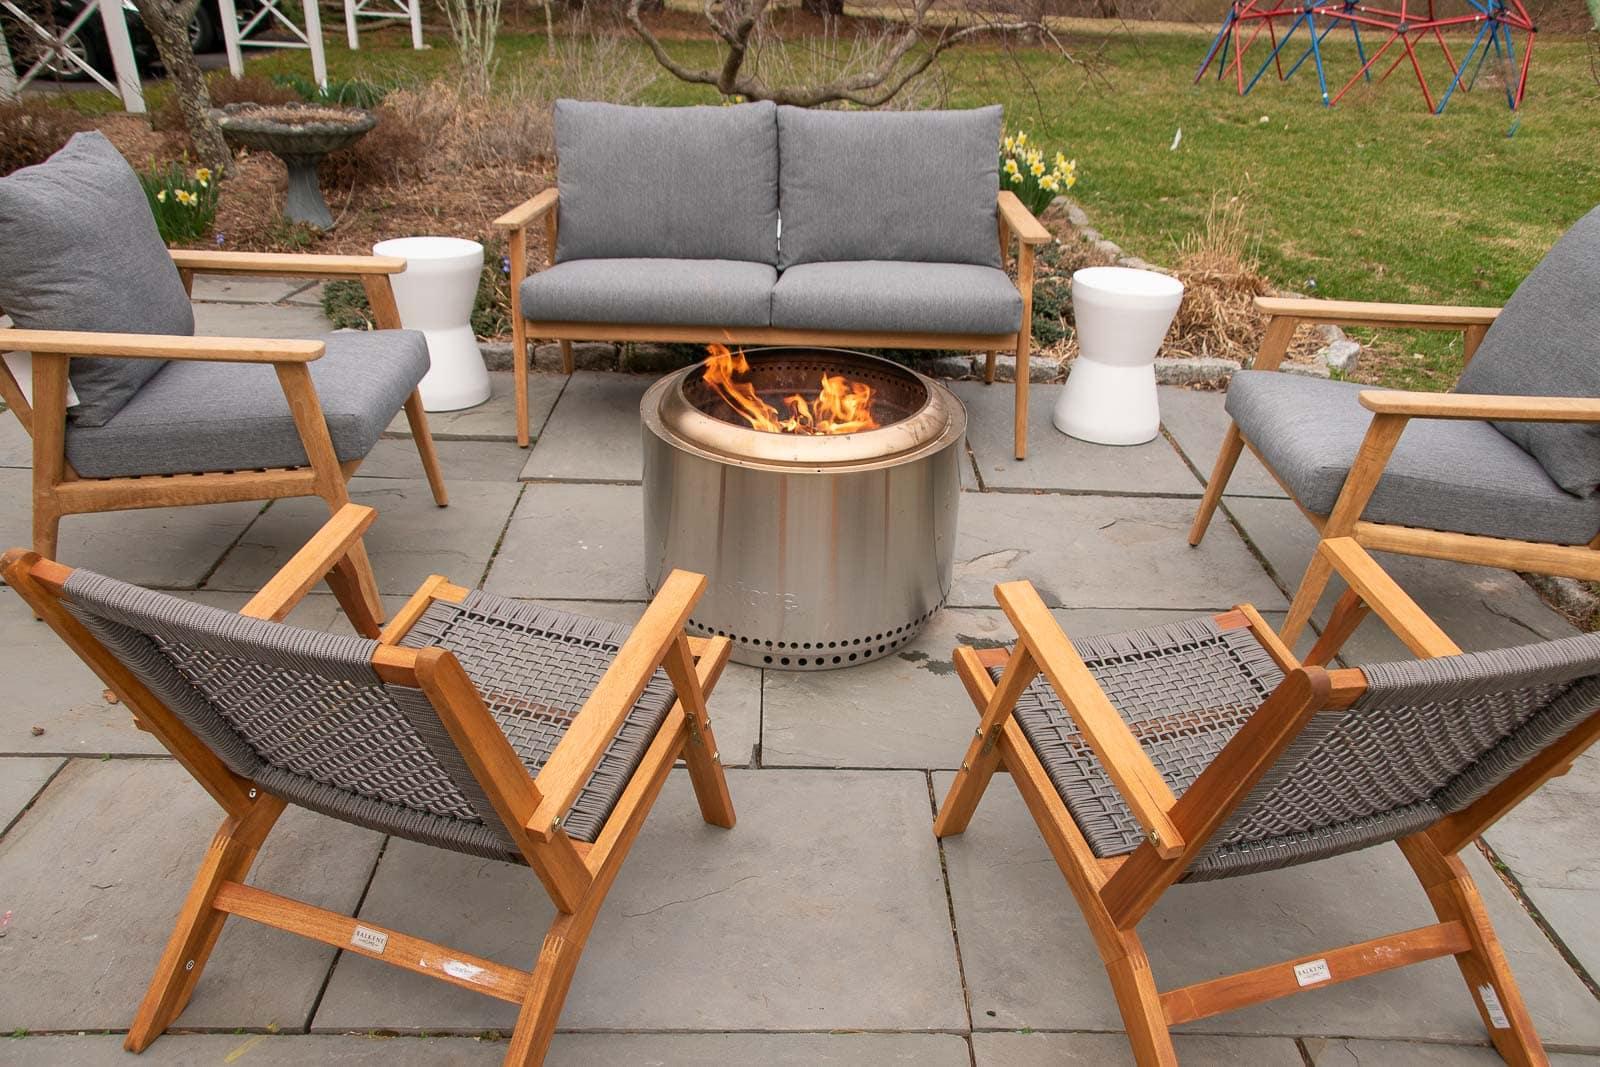 patio firepit area